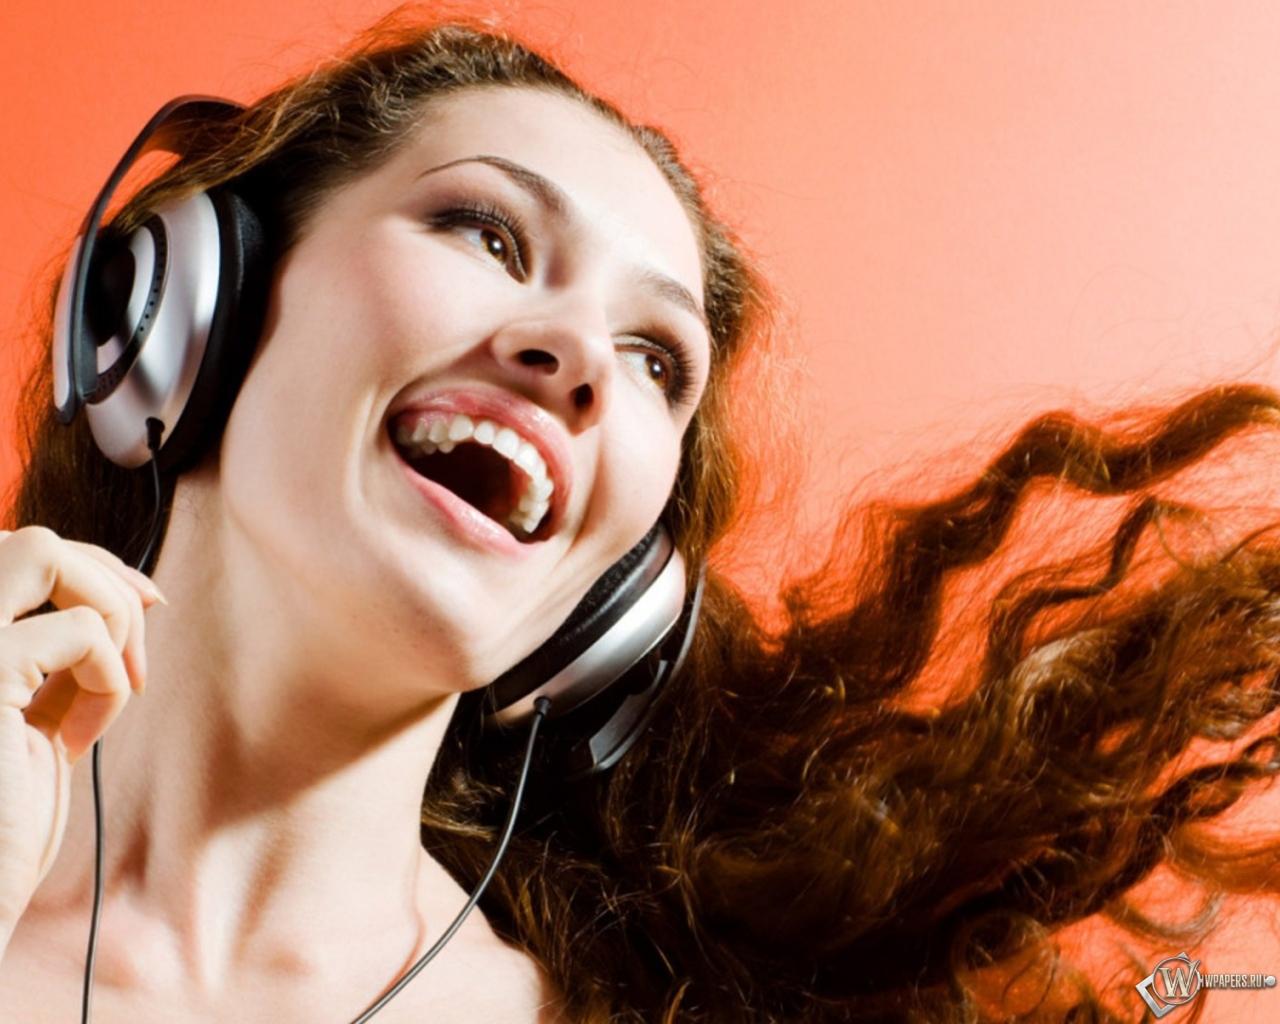 Музыка слушать бесплатно поп 31 фотография